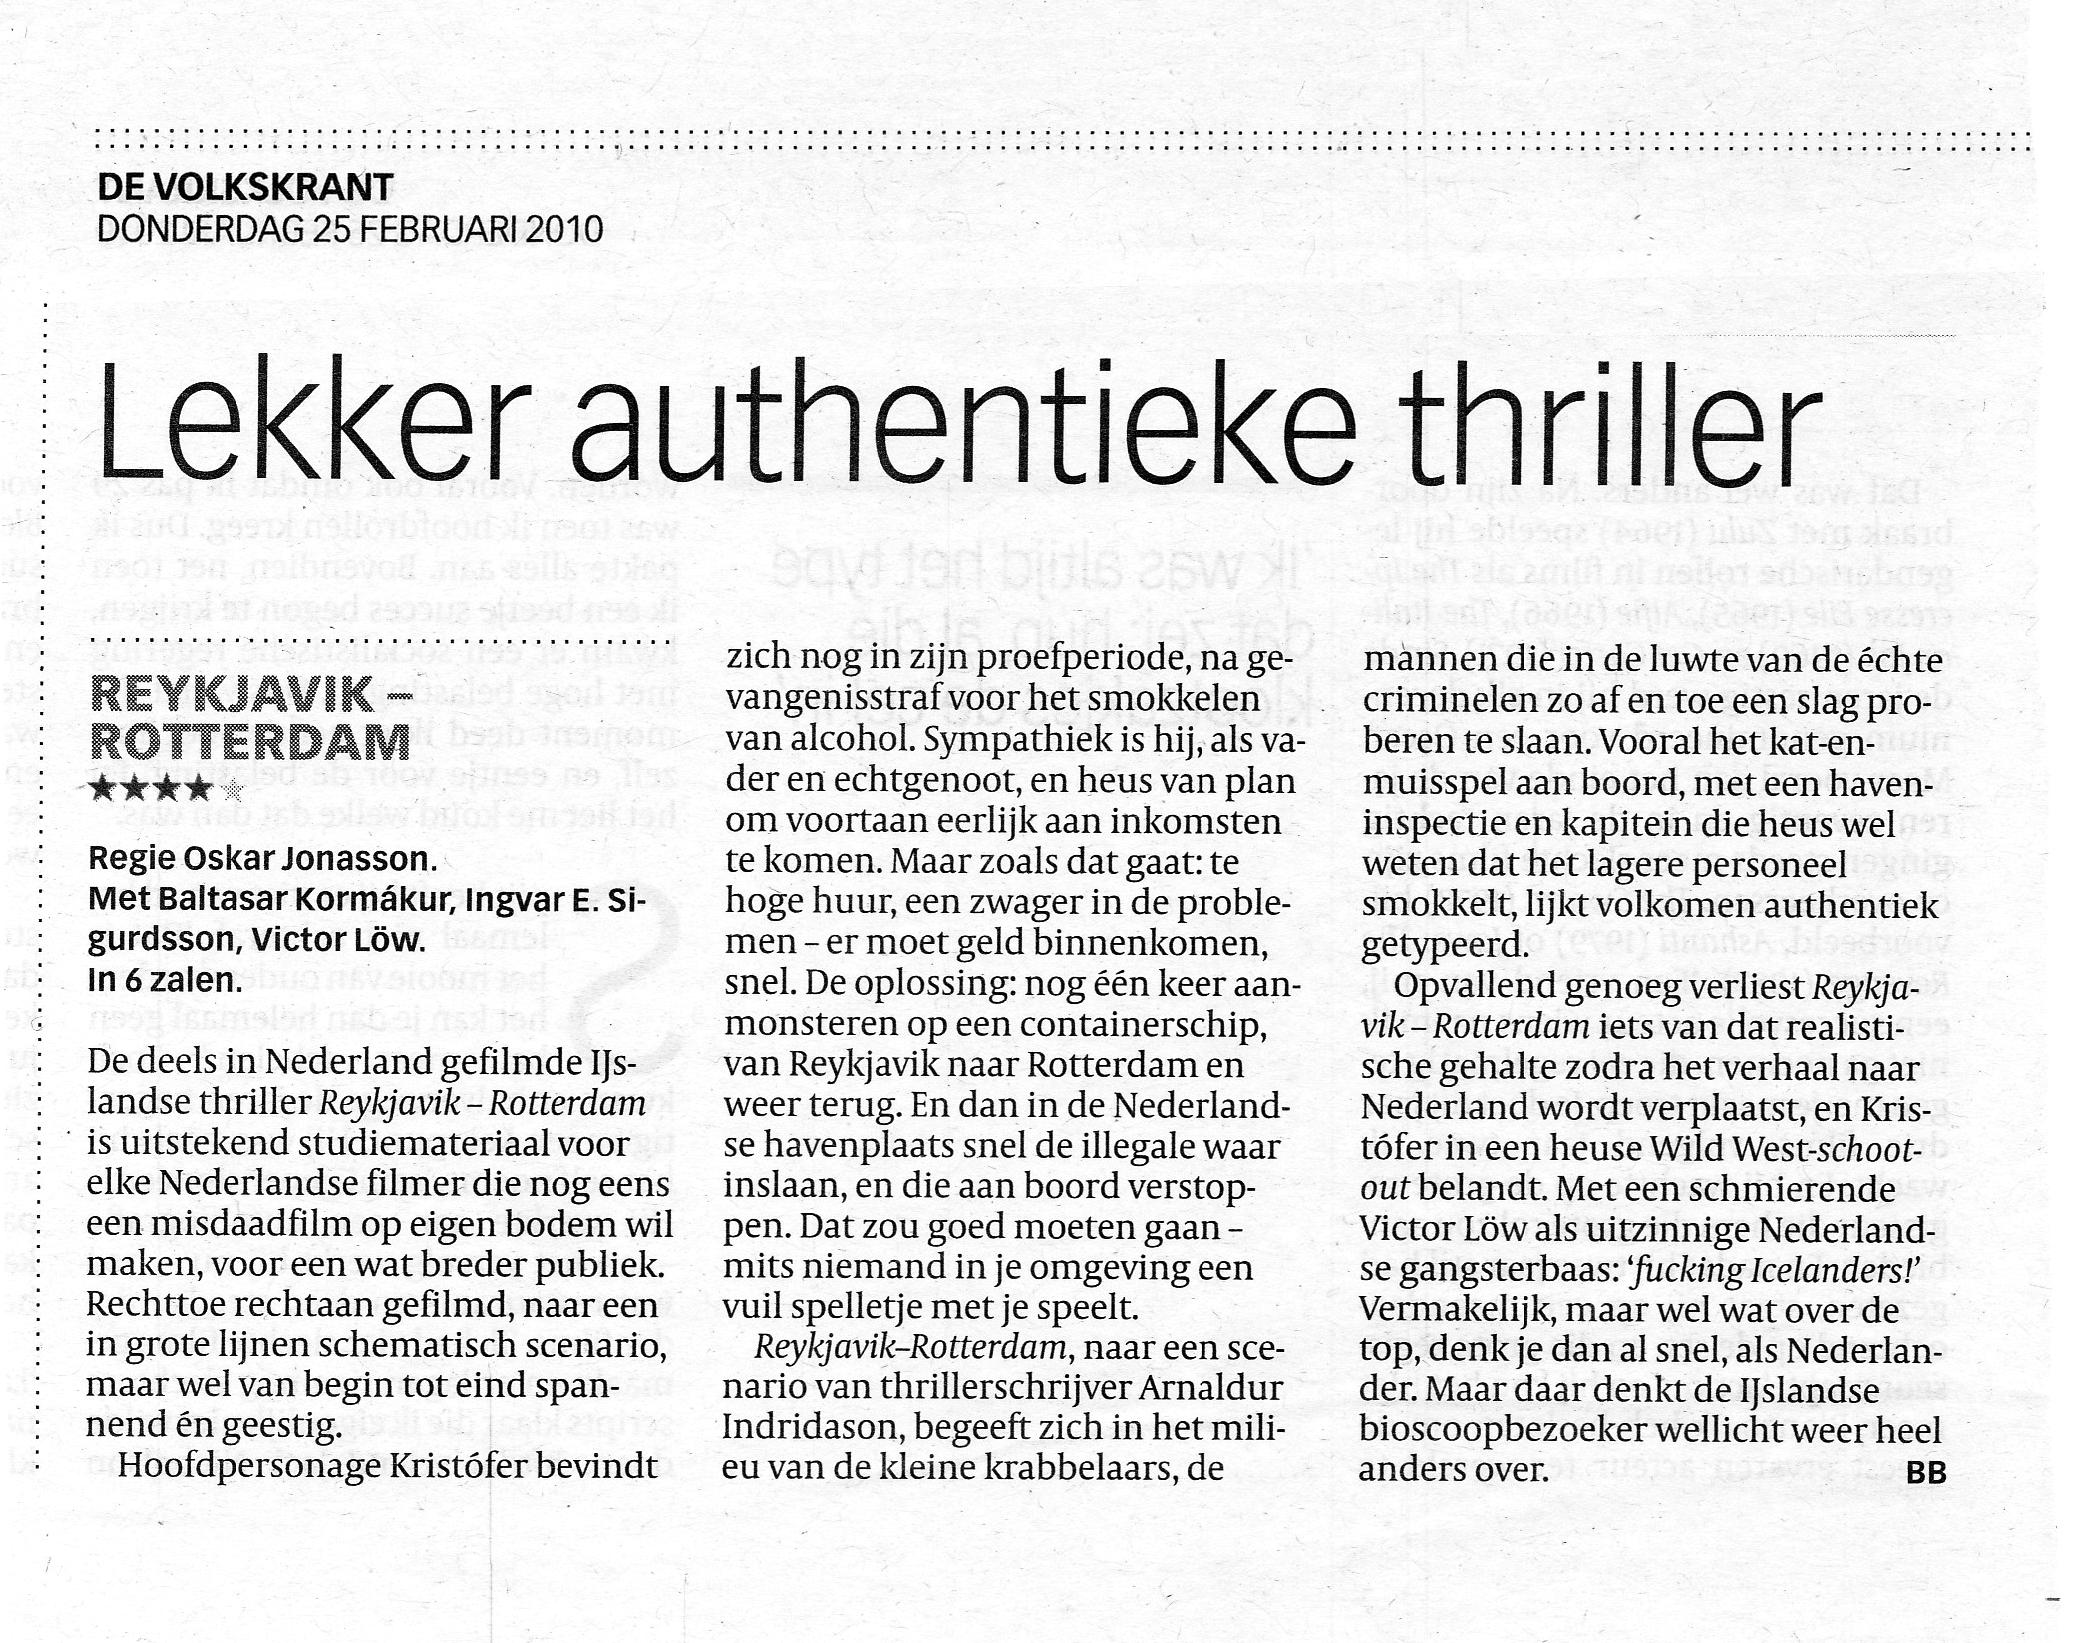 volkskrant-recensie-reykjavik-rotterdam